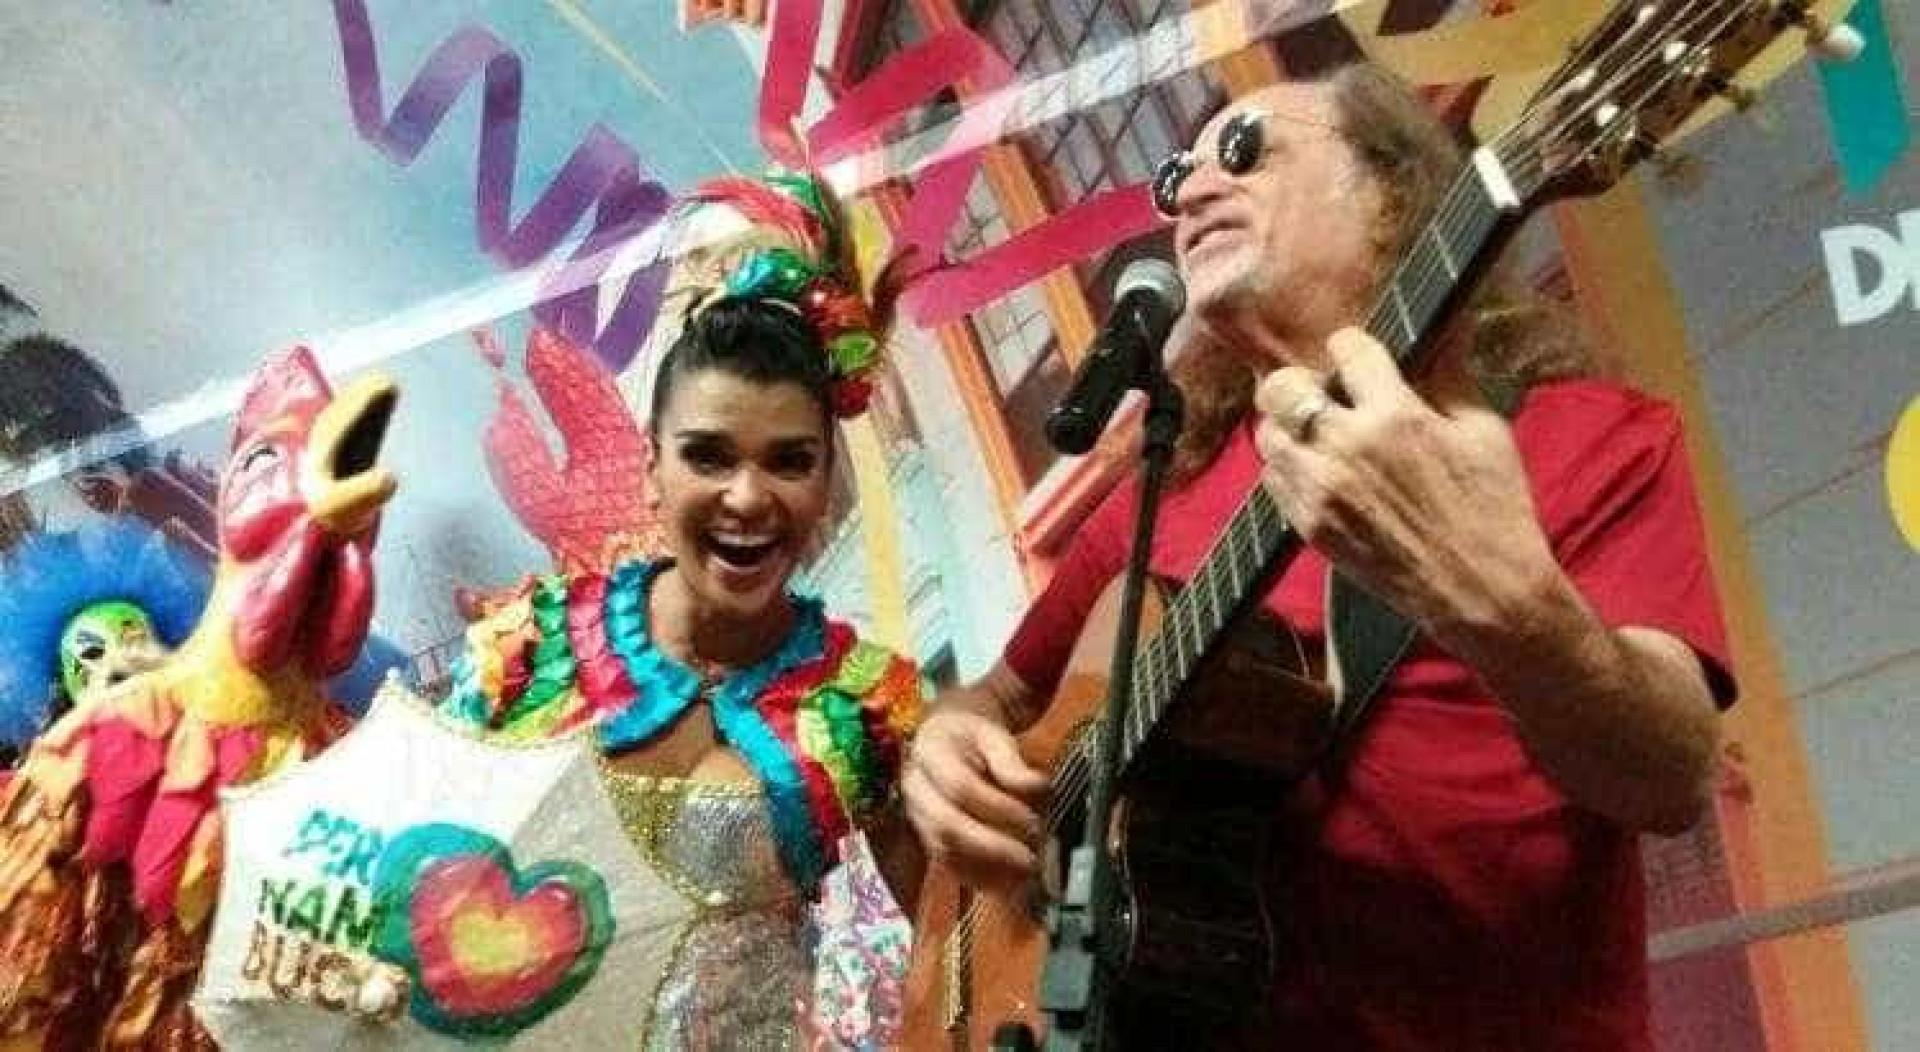 Alceu Valença faz show no metrô de SP para divulgar turismo em PE